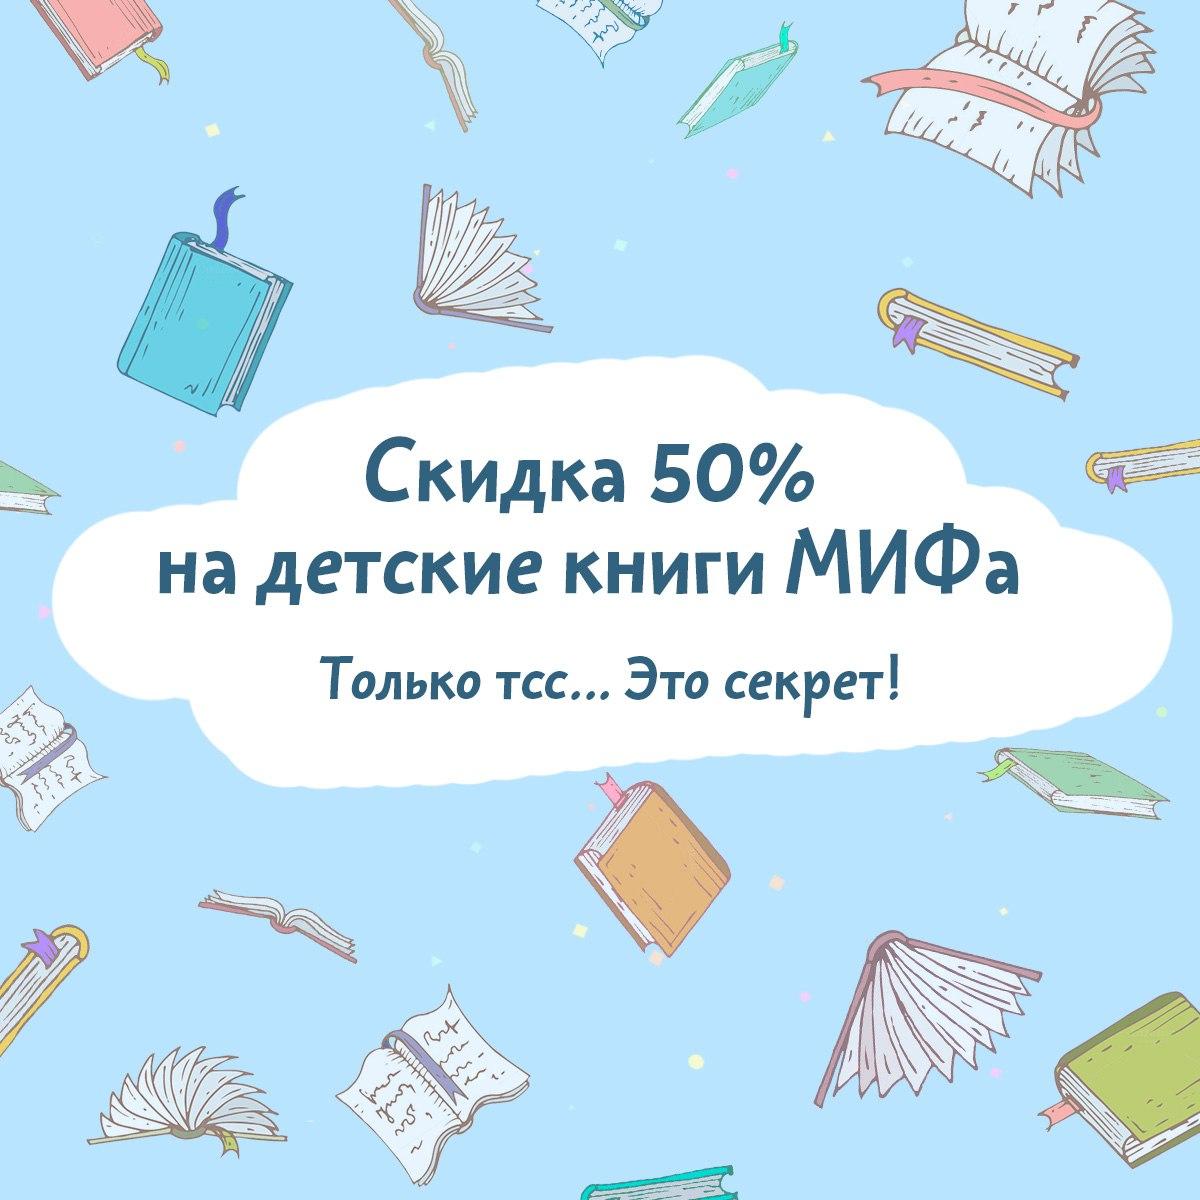 https://pp.userapi.com/c638618/v638618895/540e0/em49ikvByMc.jpg